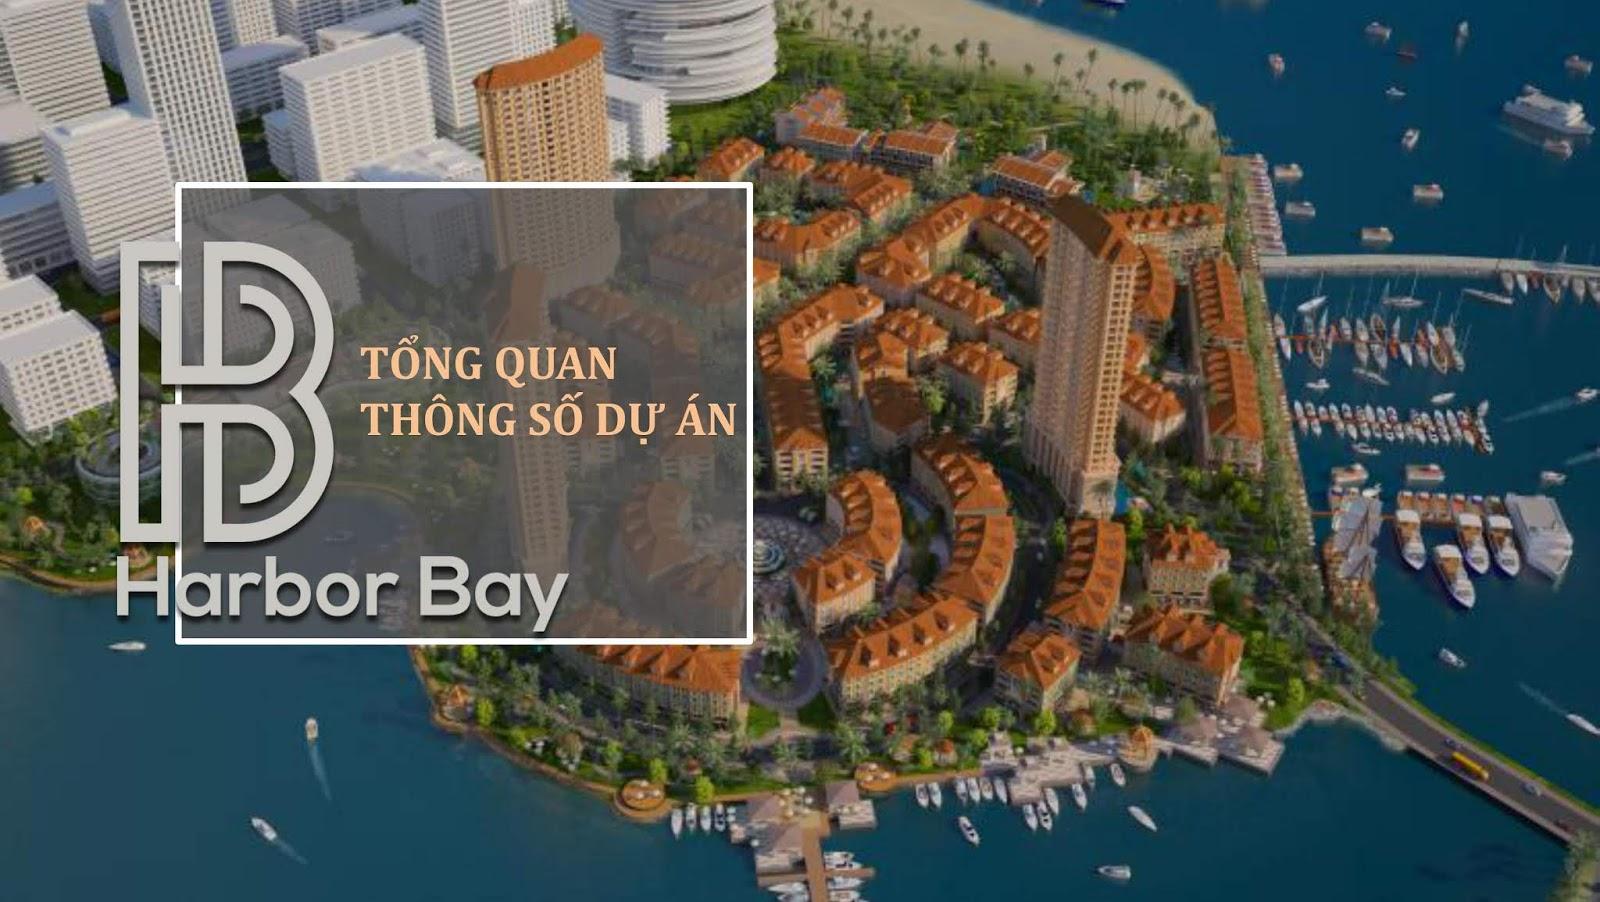 Tổng quan dự án Harbor Bay